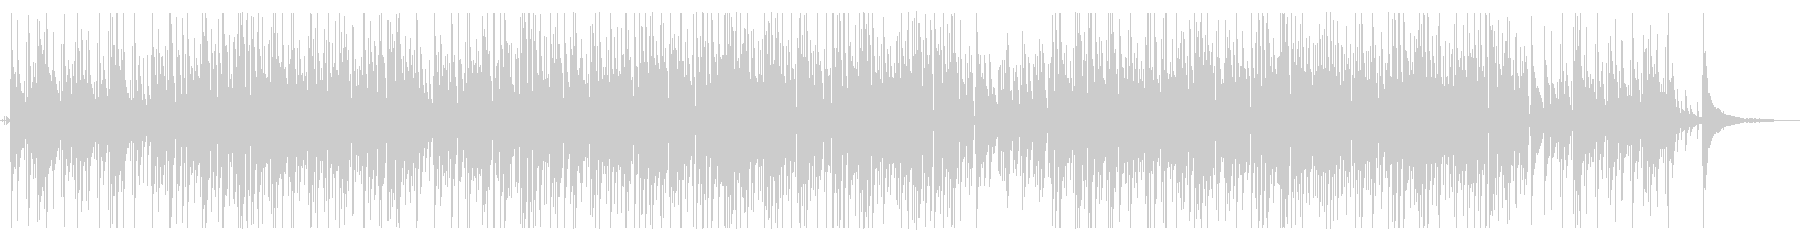 落ち着くボサノバギターBGM Longの未再生の波形